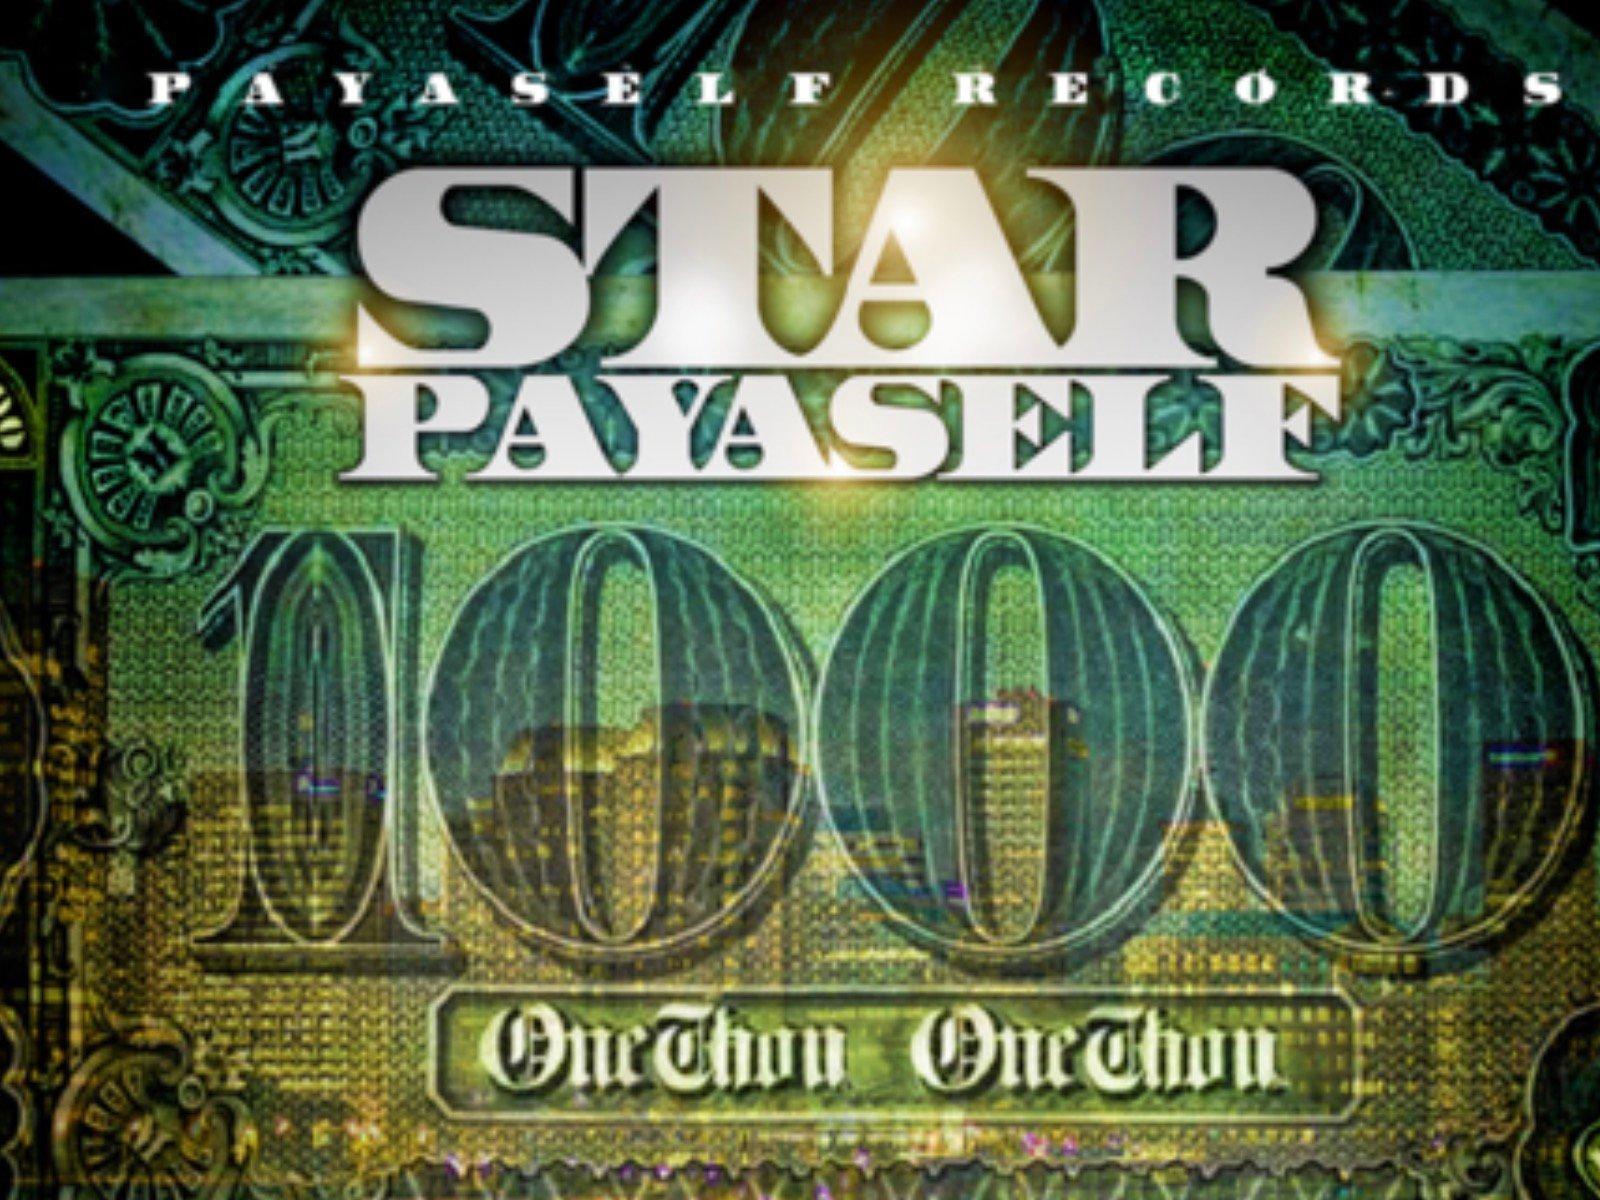 STAR PAYASELF